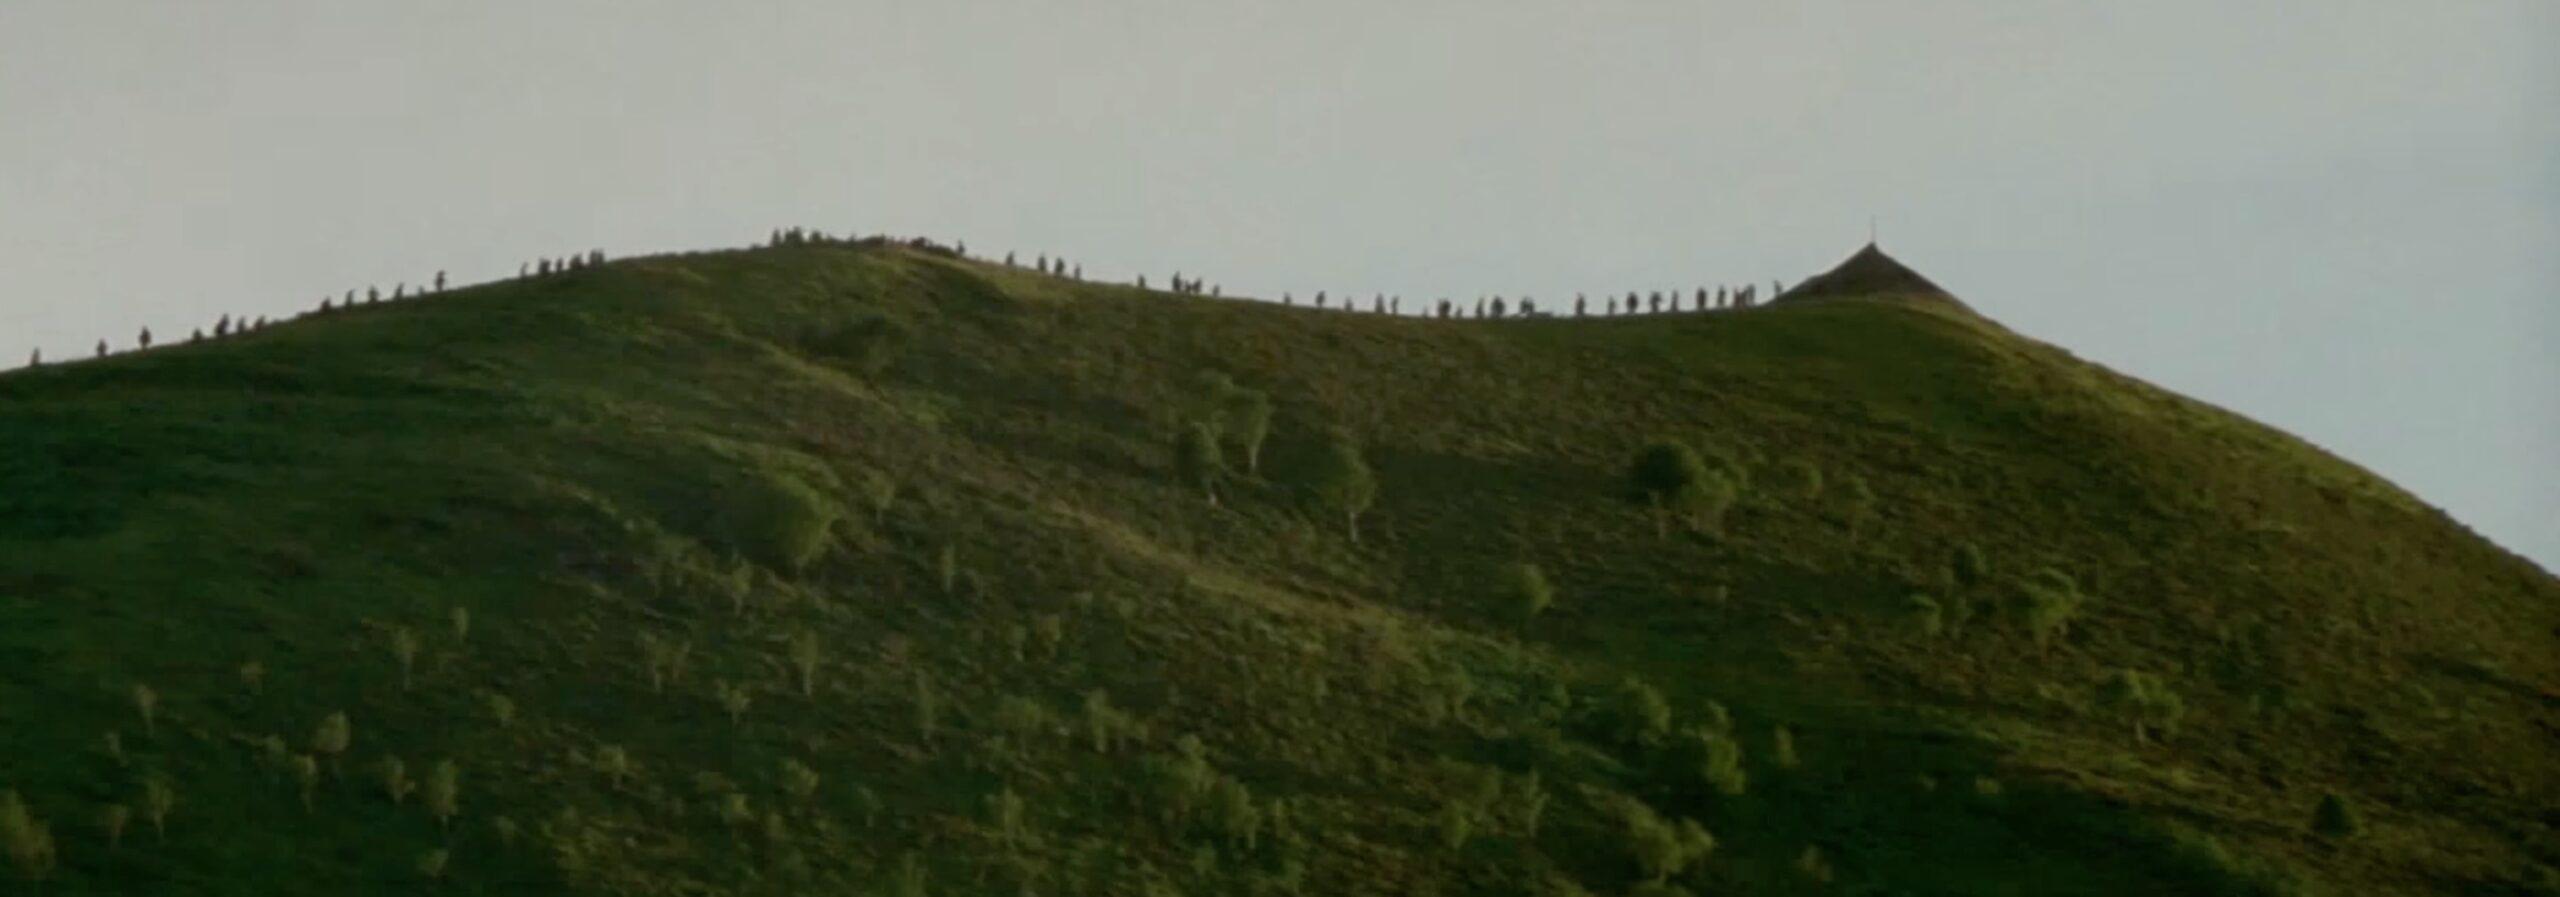 ウェールズの山